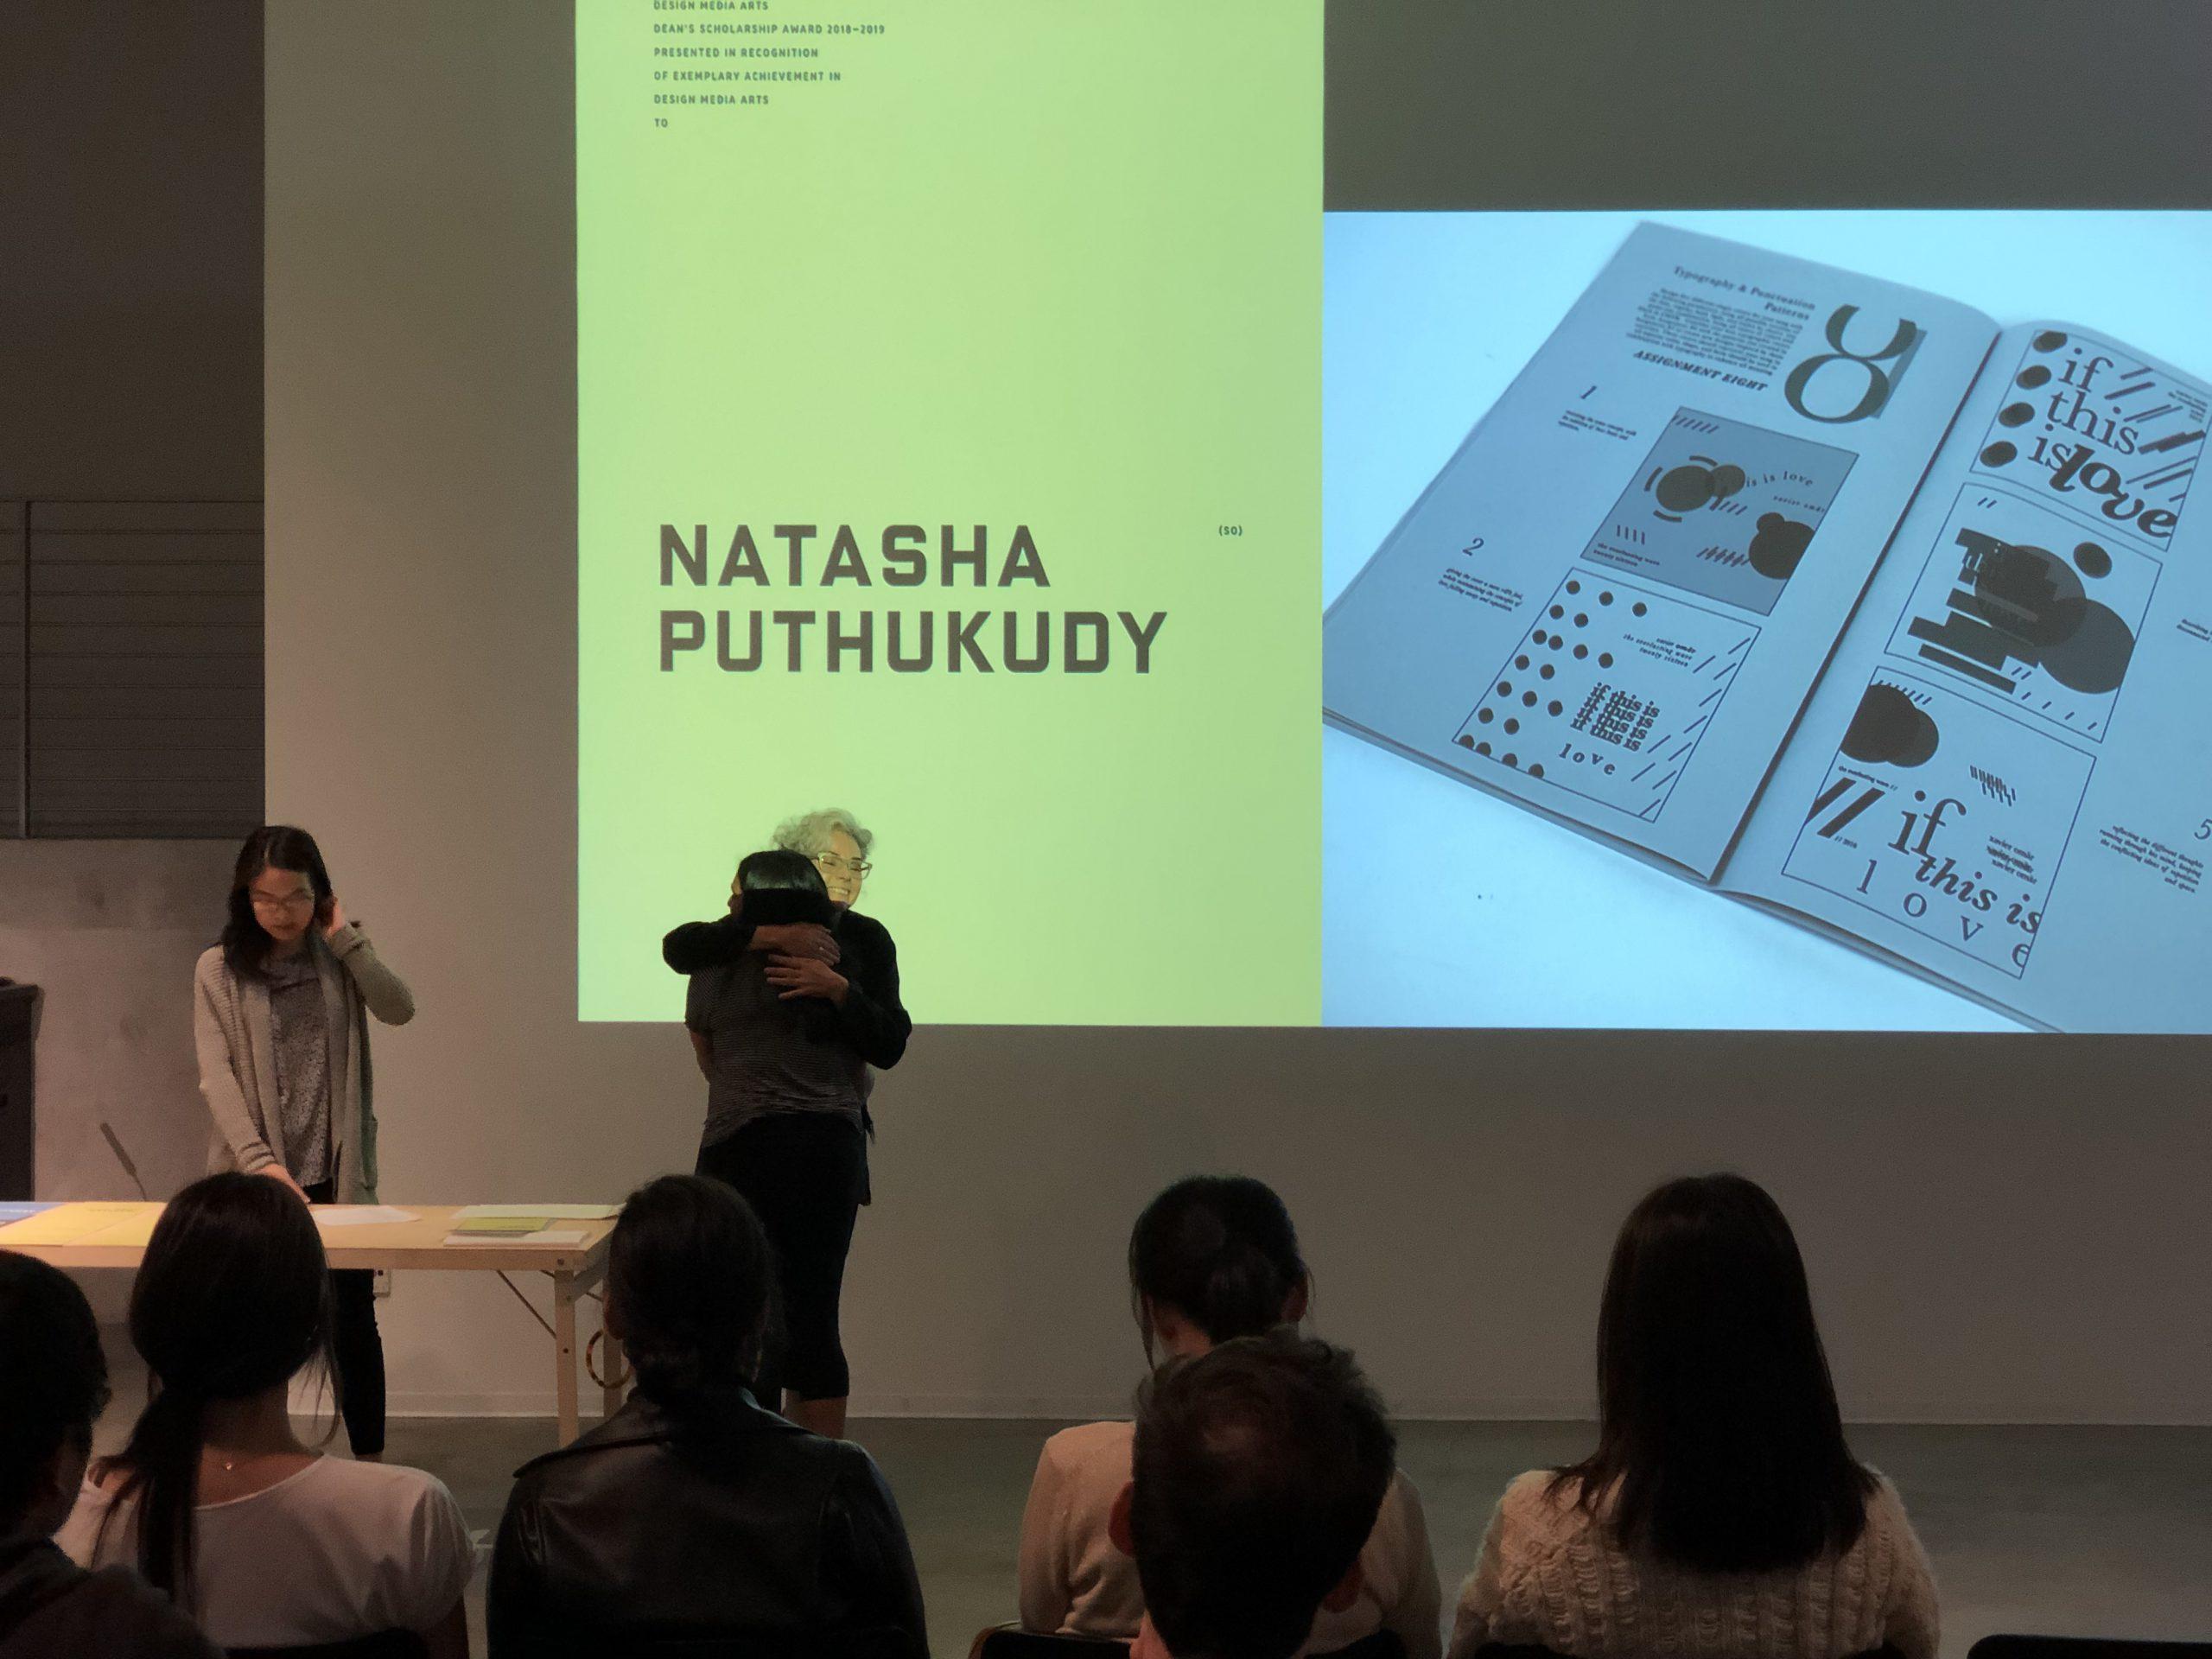 DMA Scholarship Reception 2019-2020, Natasha Puthukudy